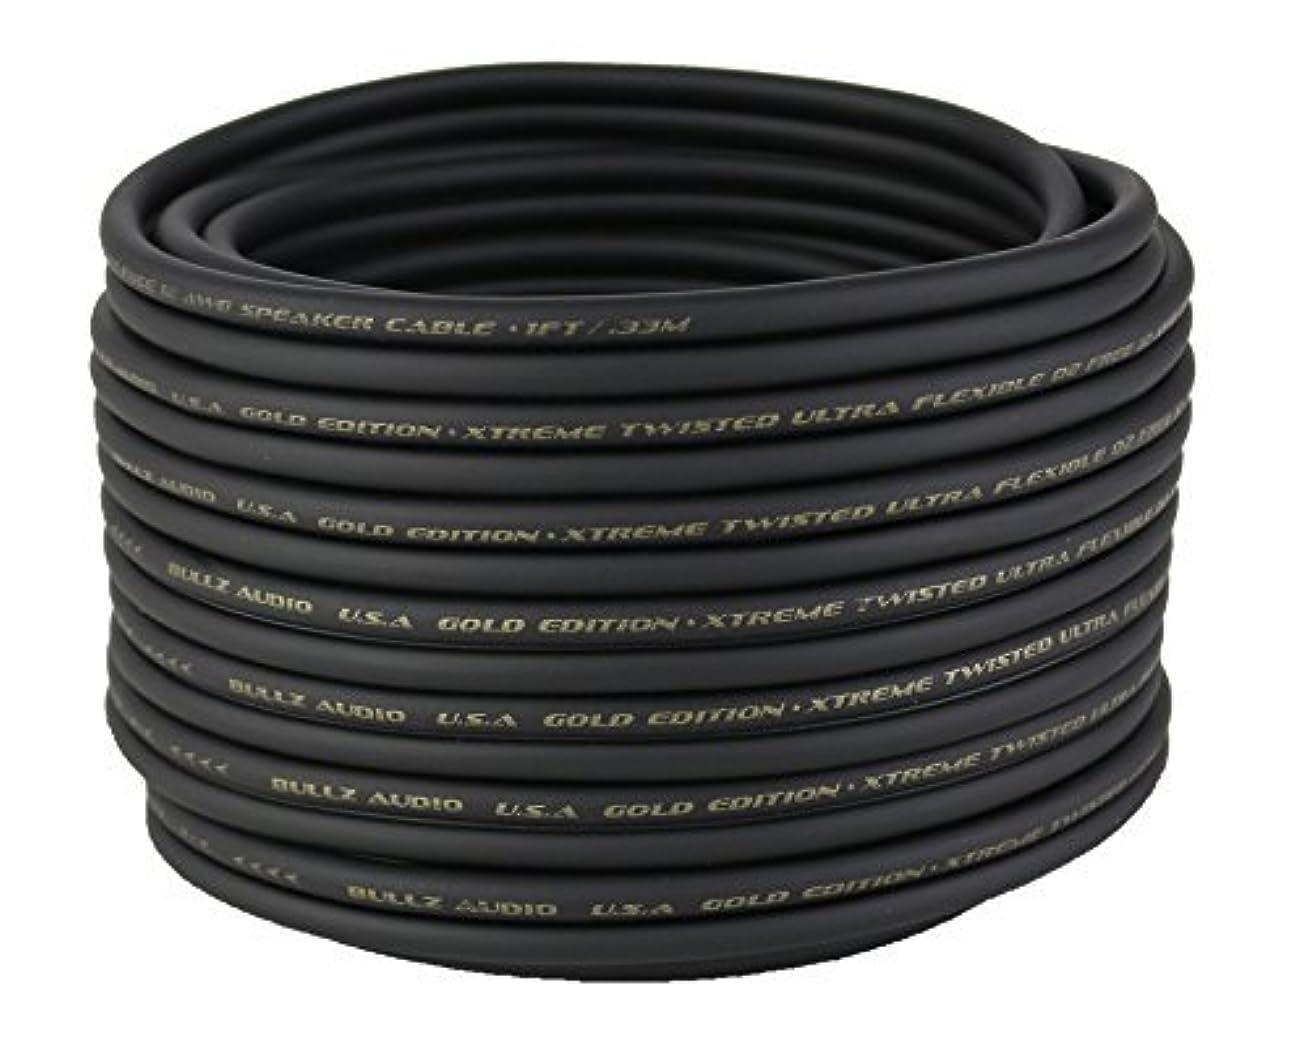 ガレージよく話される忠誠Bullz Audio BGES12.100 100' 12 Gauge AWG Car Home Audio Speaker Wire Cable Spool (Black) [並行輸入品]